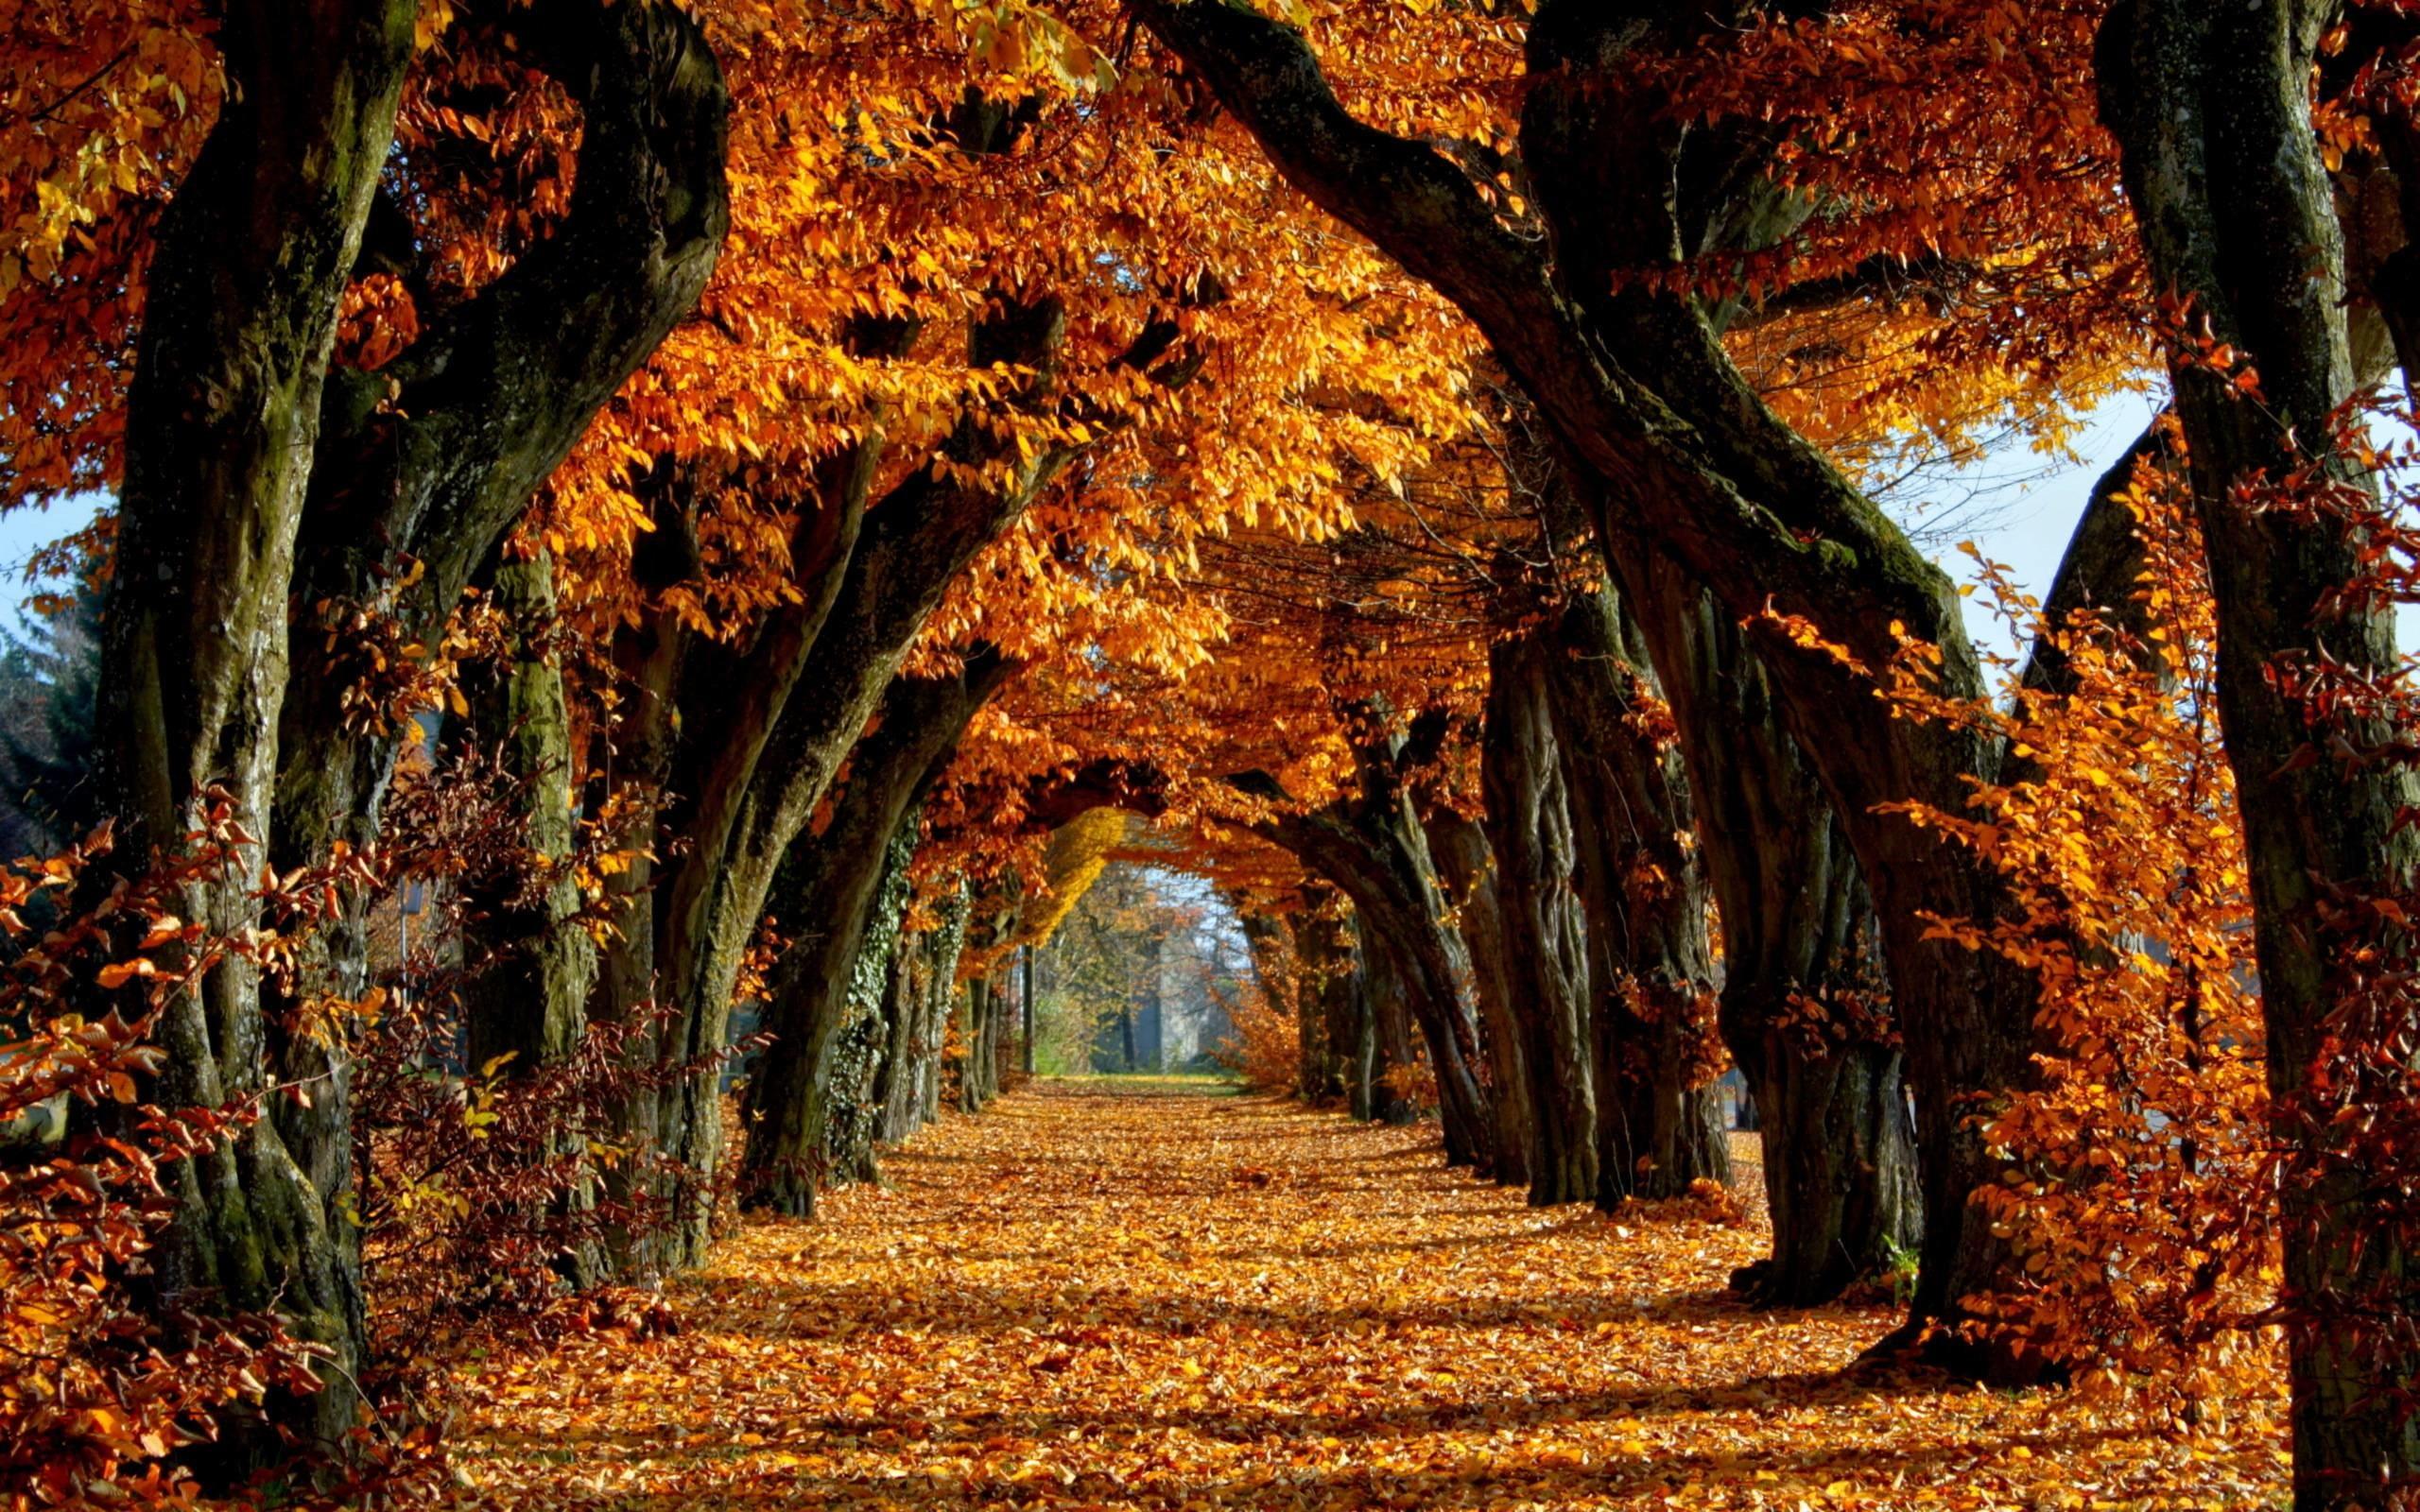 2560x1600 Autumn Wallpaper Hd Widescreen